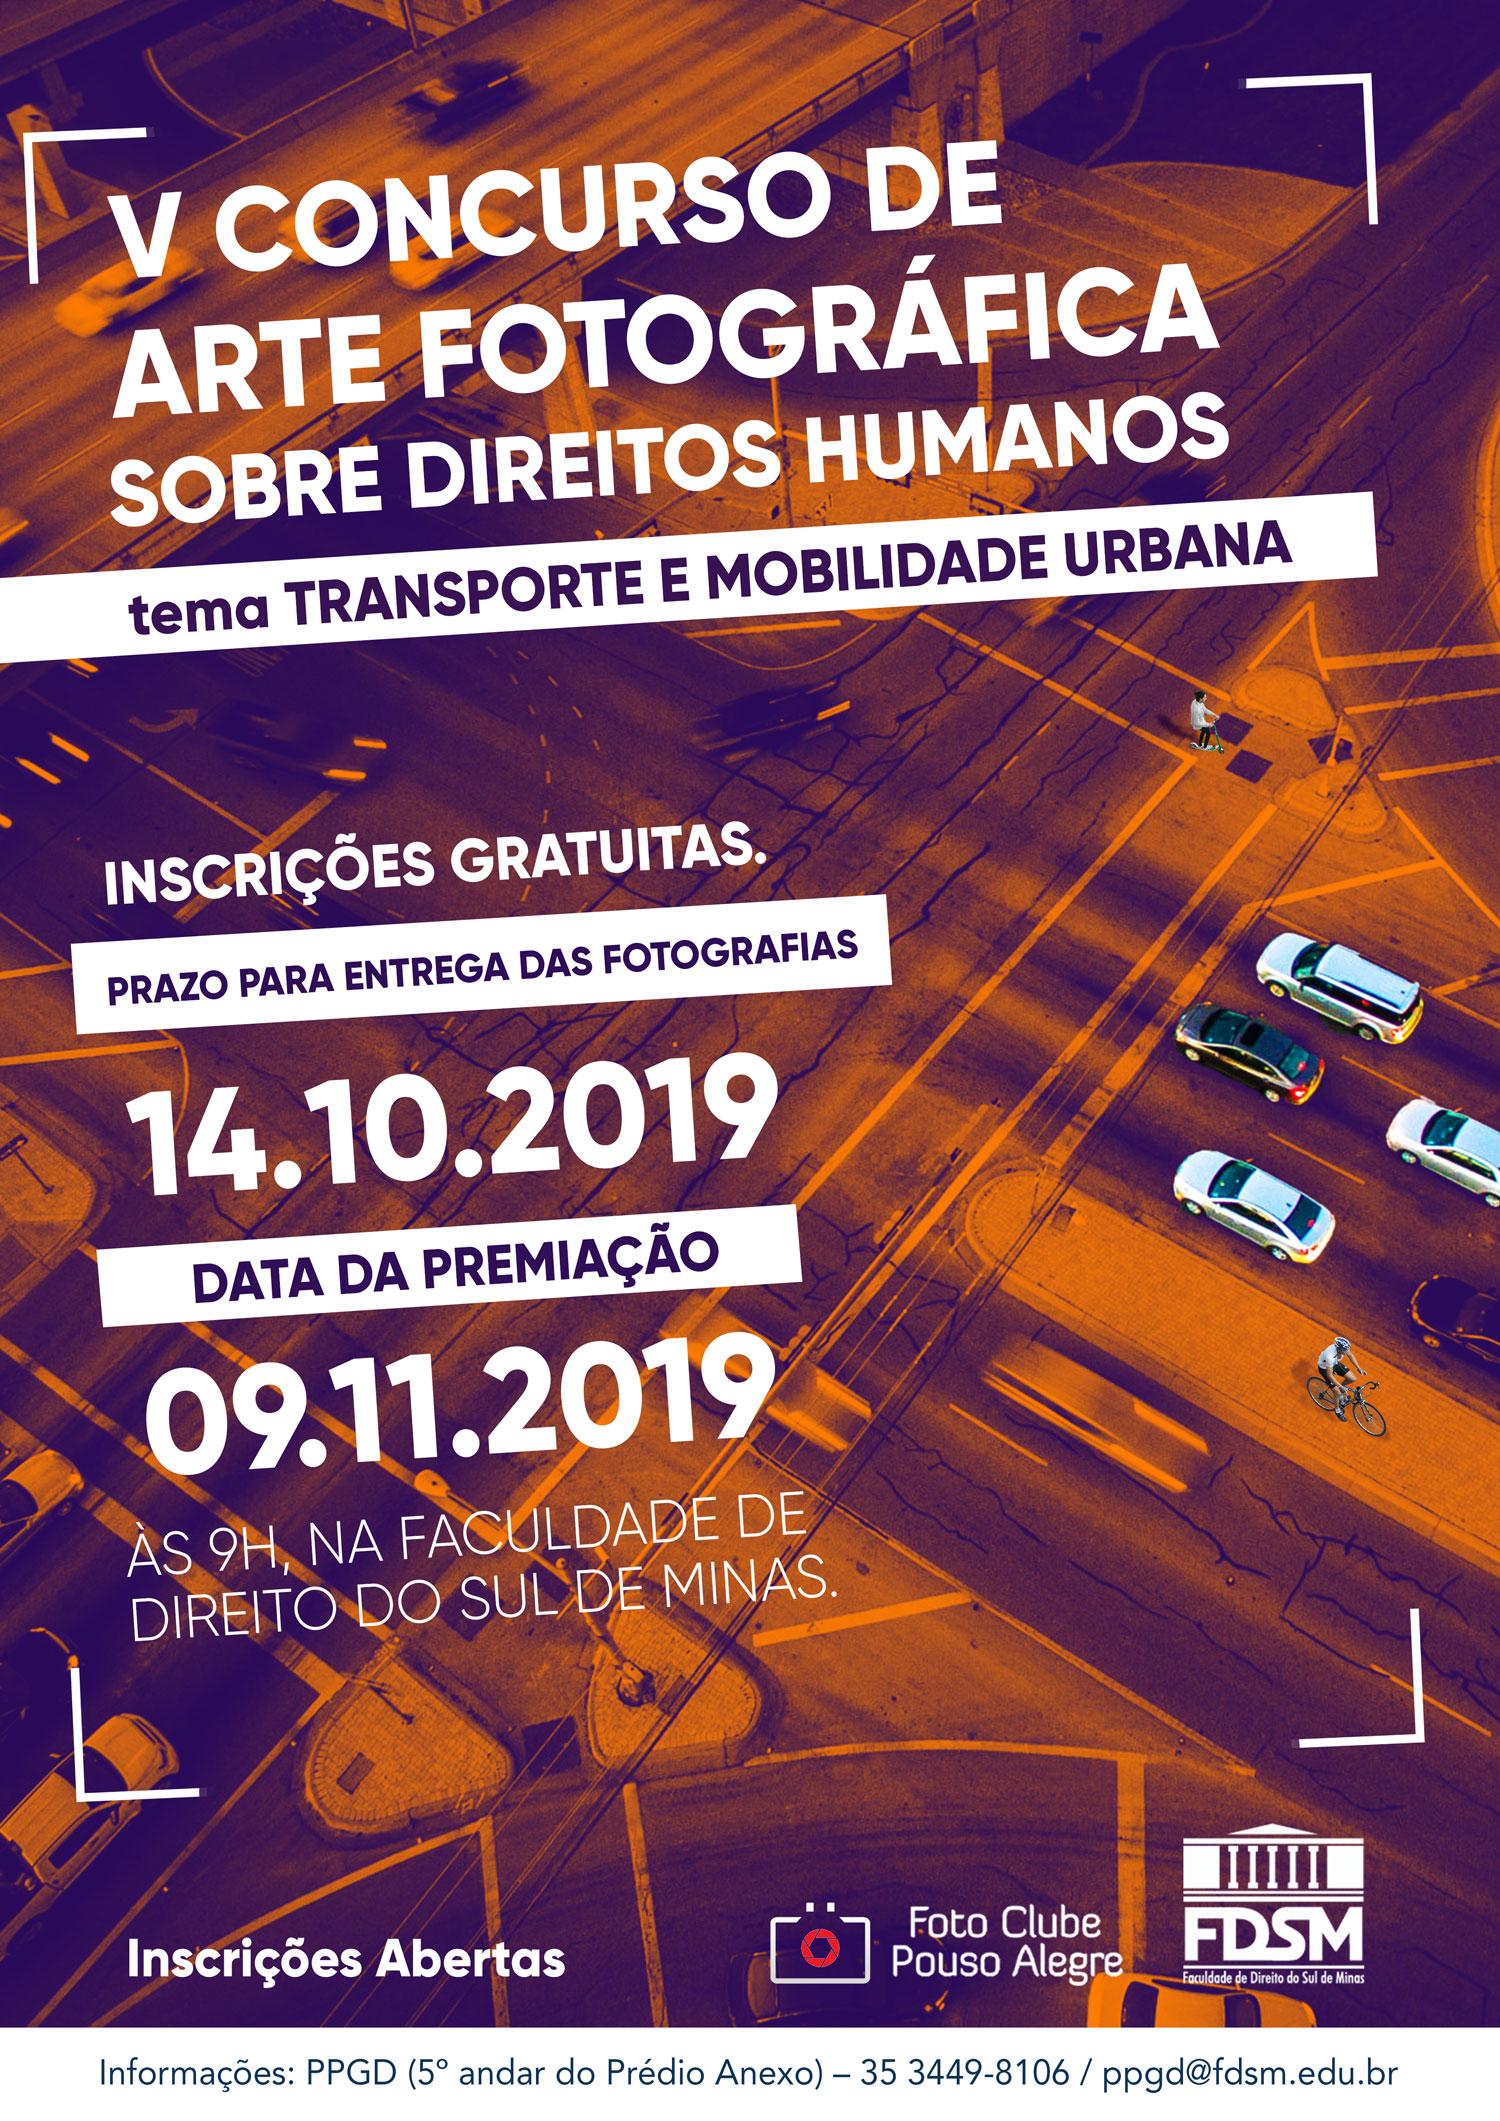 Comunicado 5676 -  V CONCURSO DE ARTE FOTOGRÁFICA SOBRE...